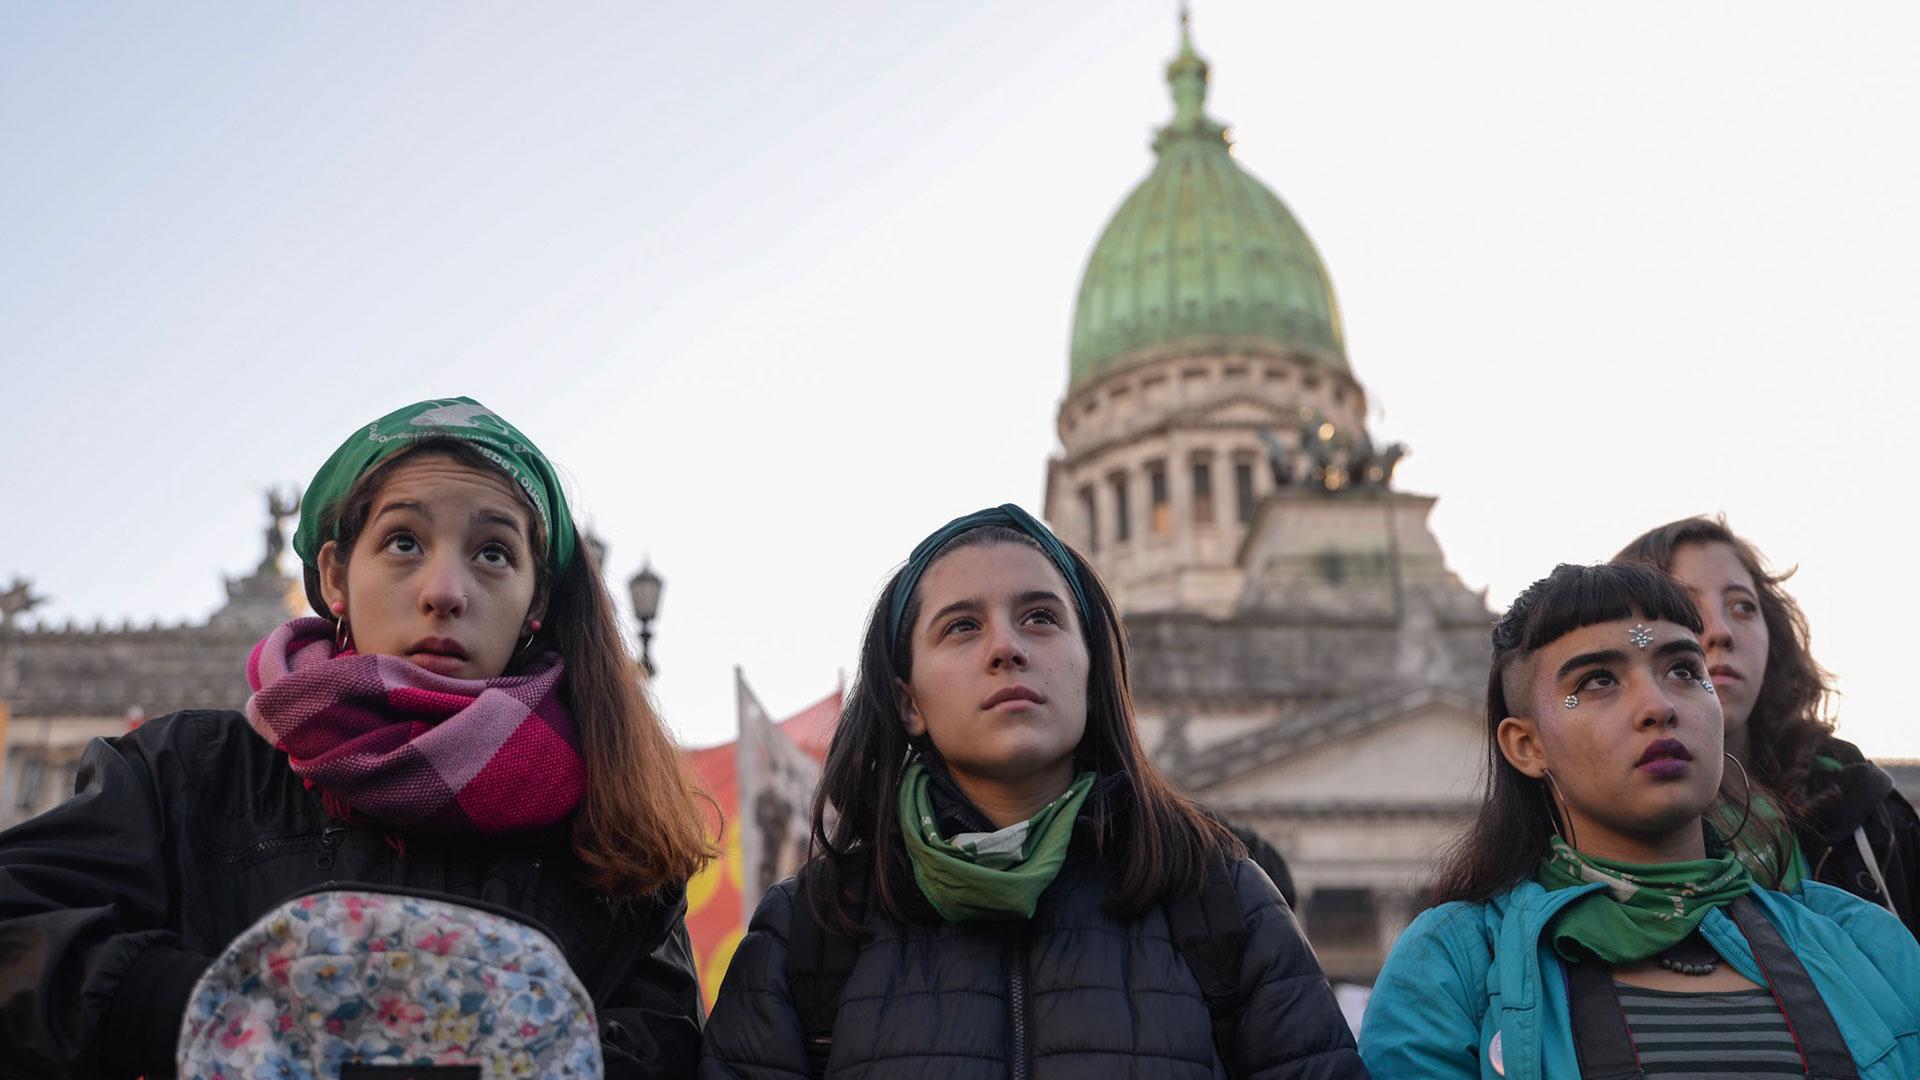 Las manifestaciones por el aborto legal, seguro y gratuito se multiplicaron por el país (Julieta Ferrario)